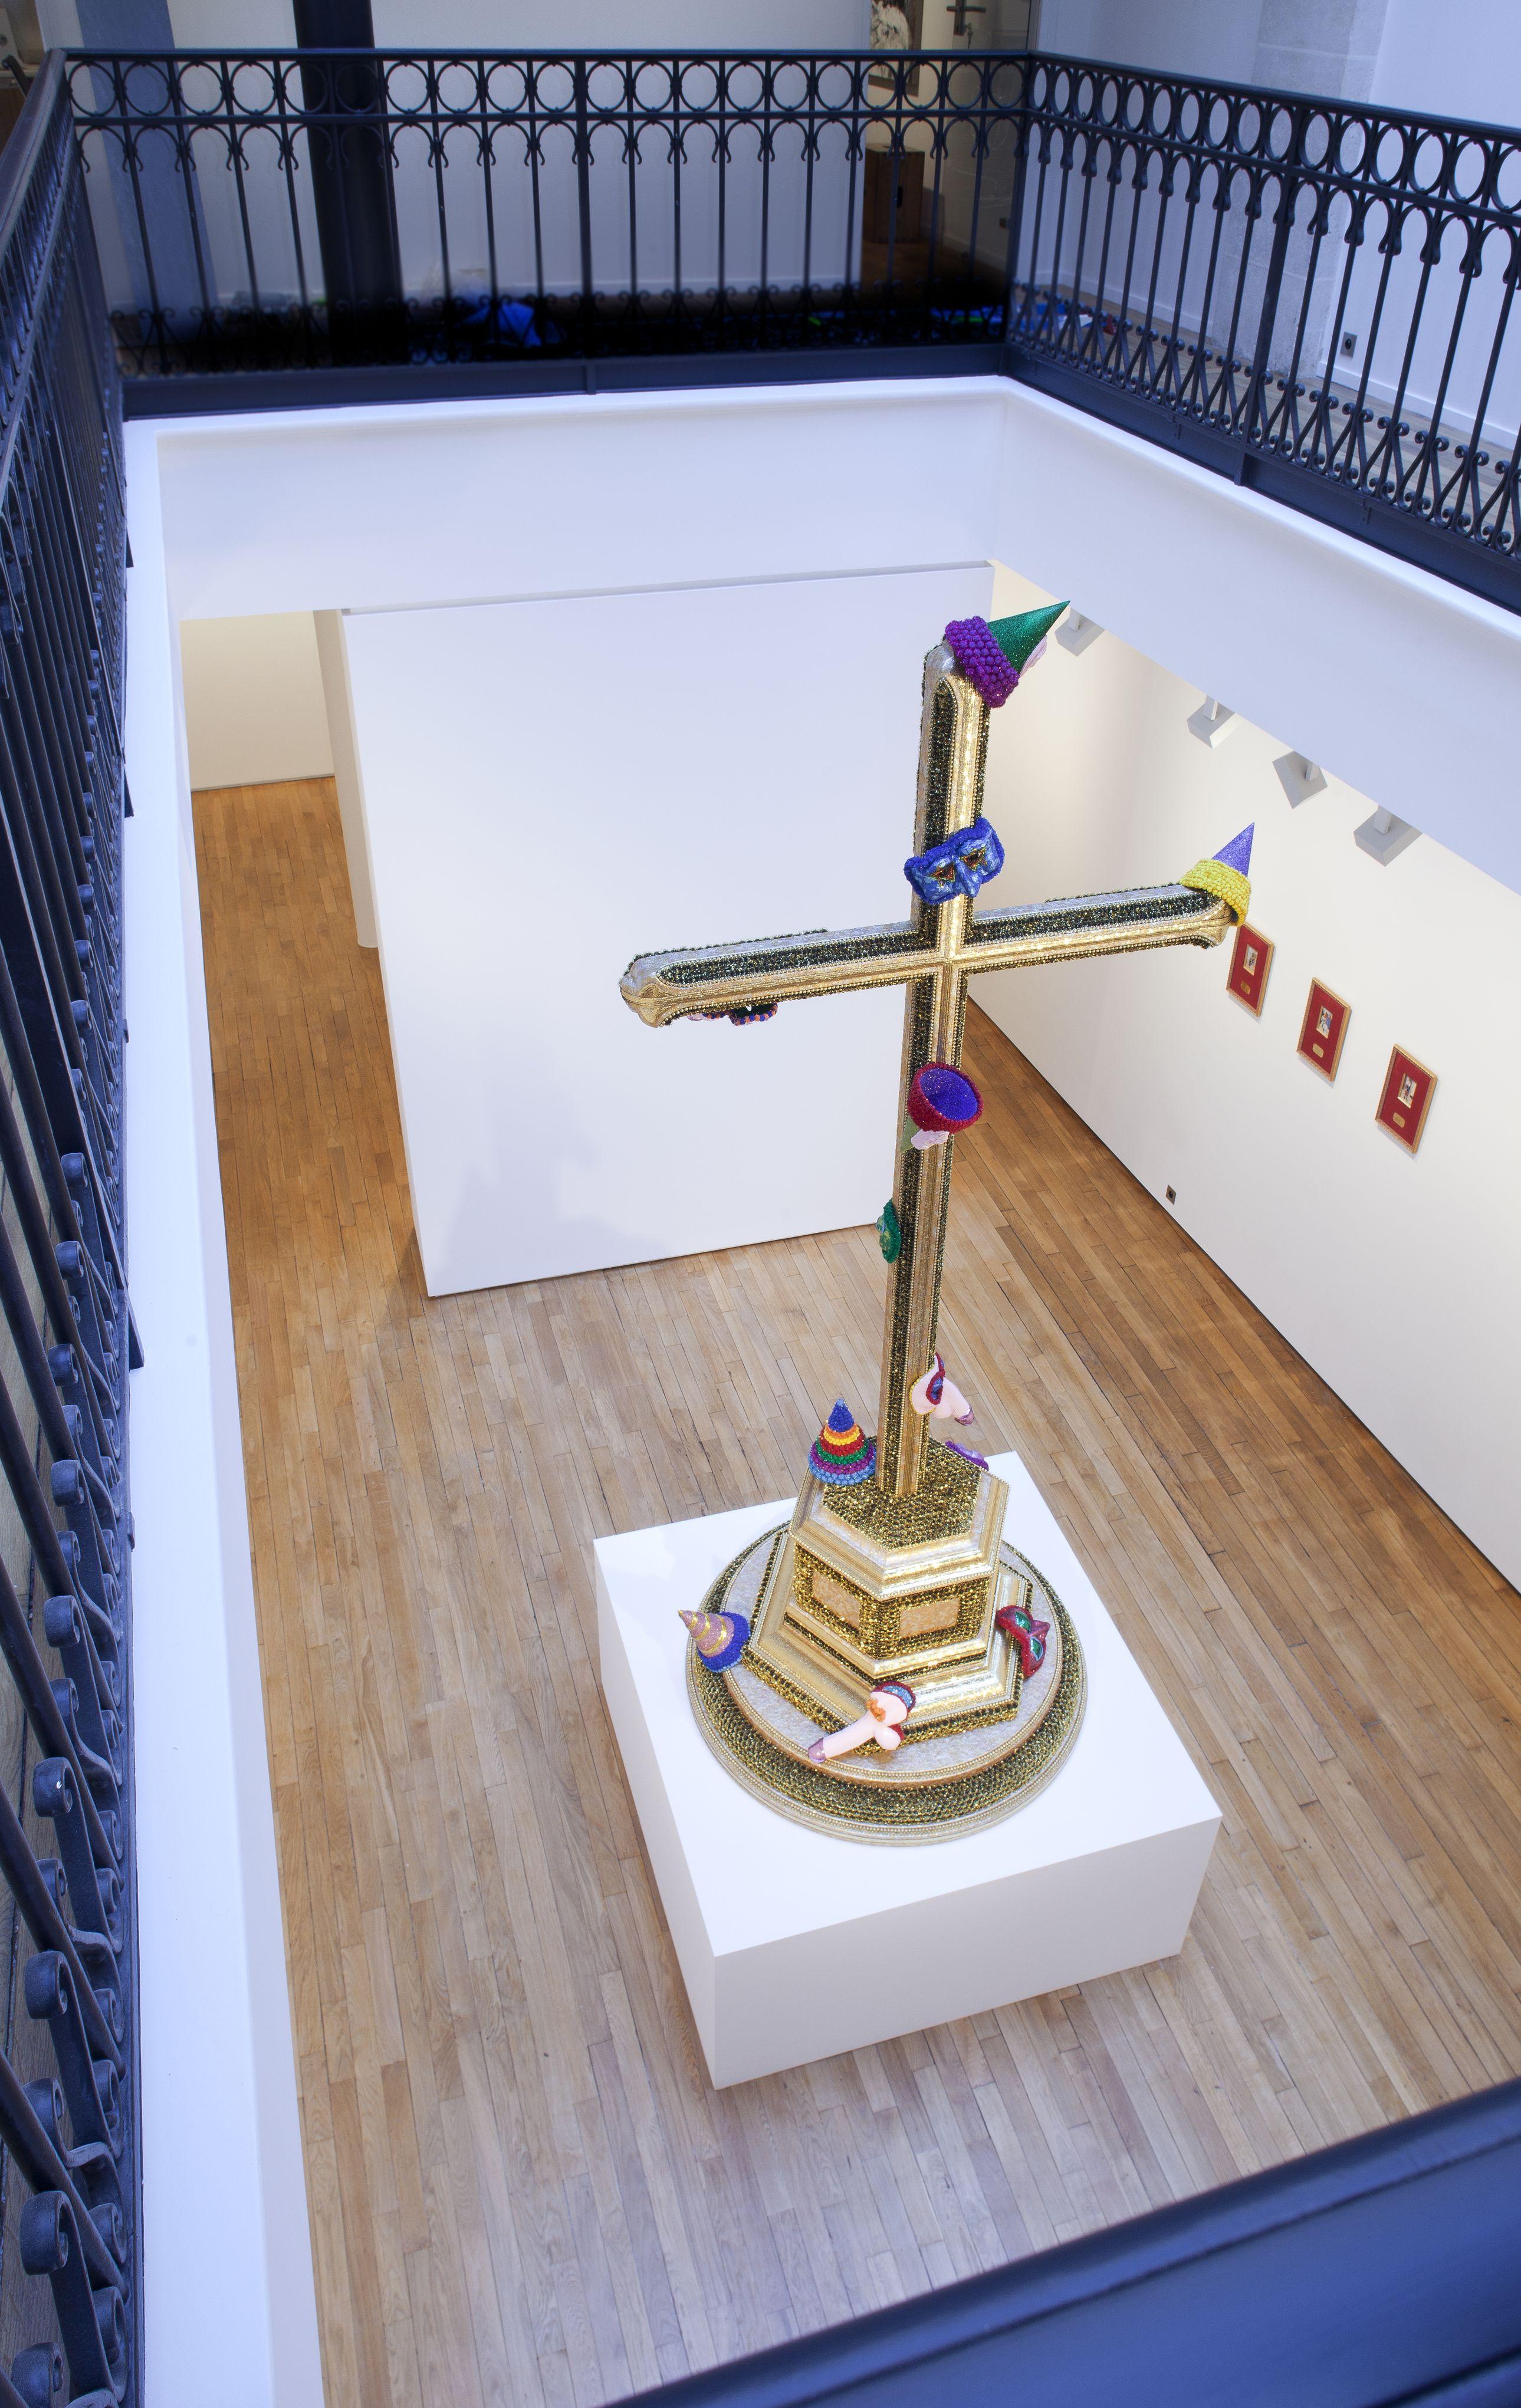 Vue de l'exposition de Jan Fabre dans le nouvel espace de la galerie Daniel Templon. Toutes photos B.Huet/Tutti Courtesy Templon, Paris & Brussels